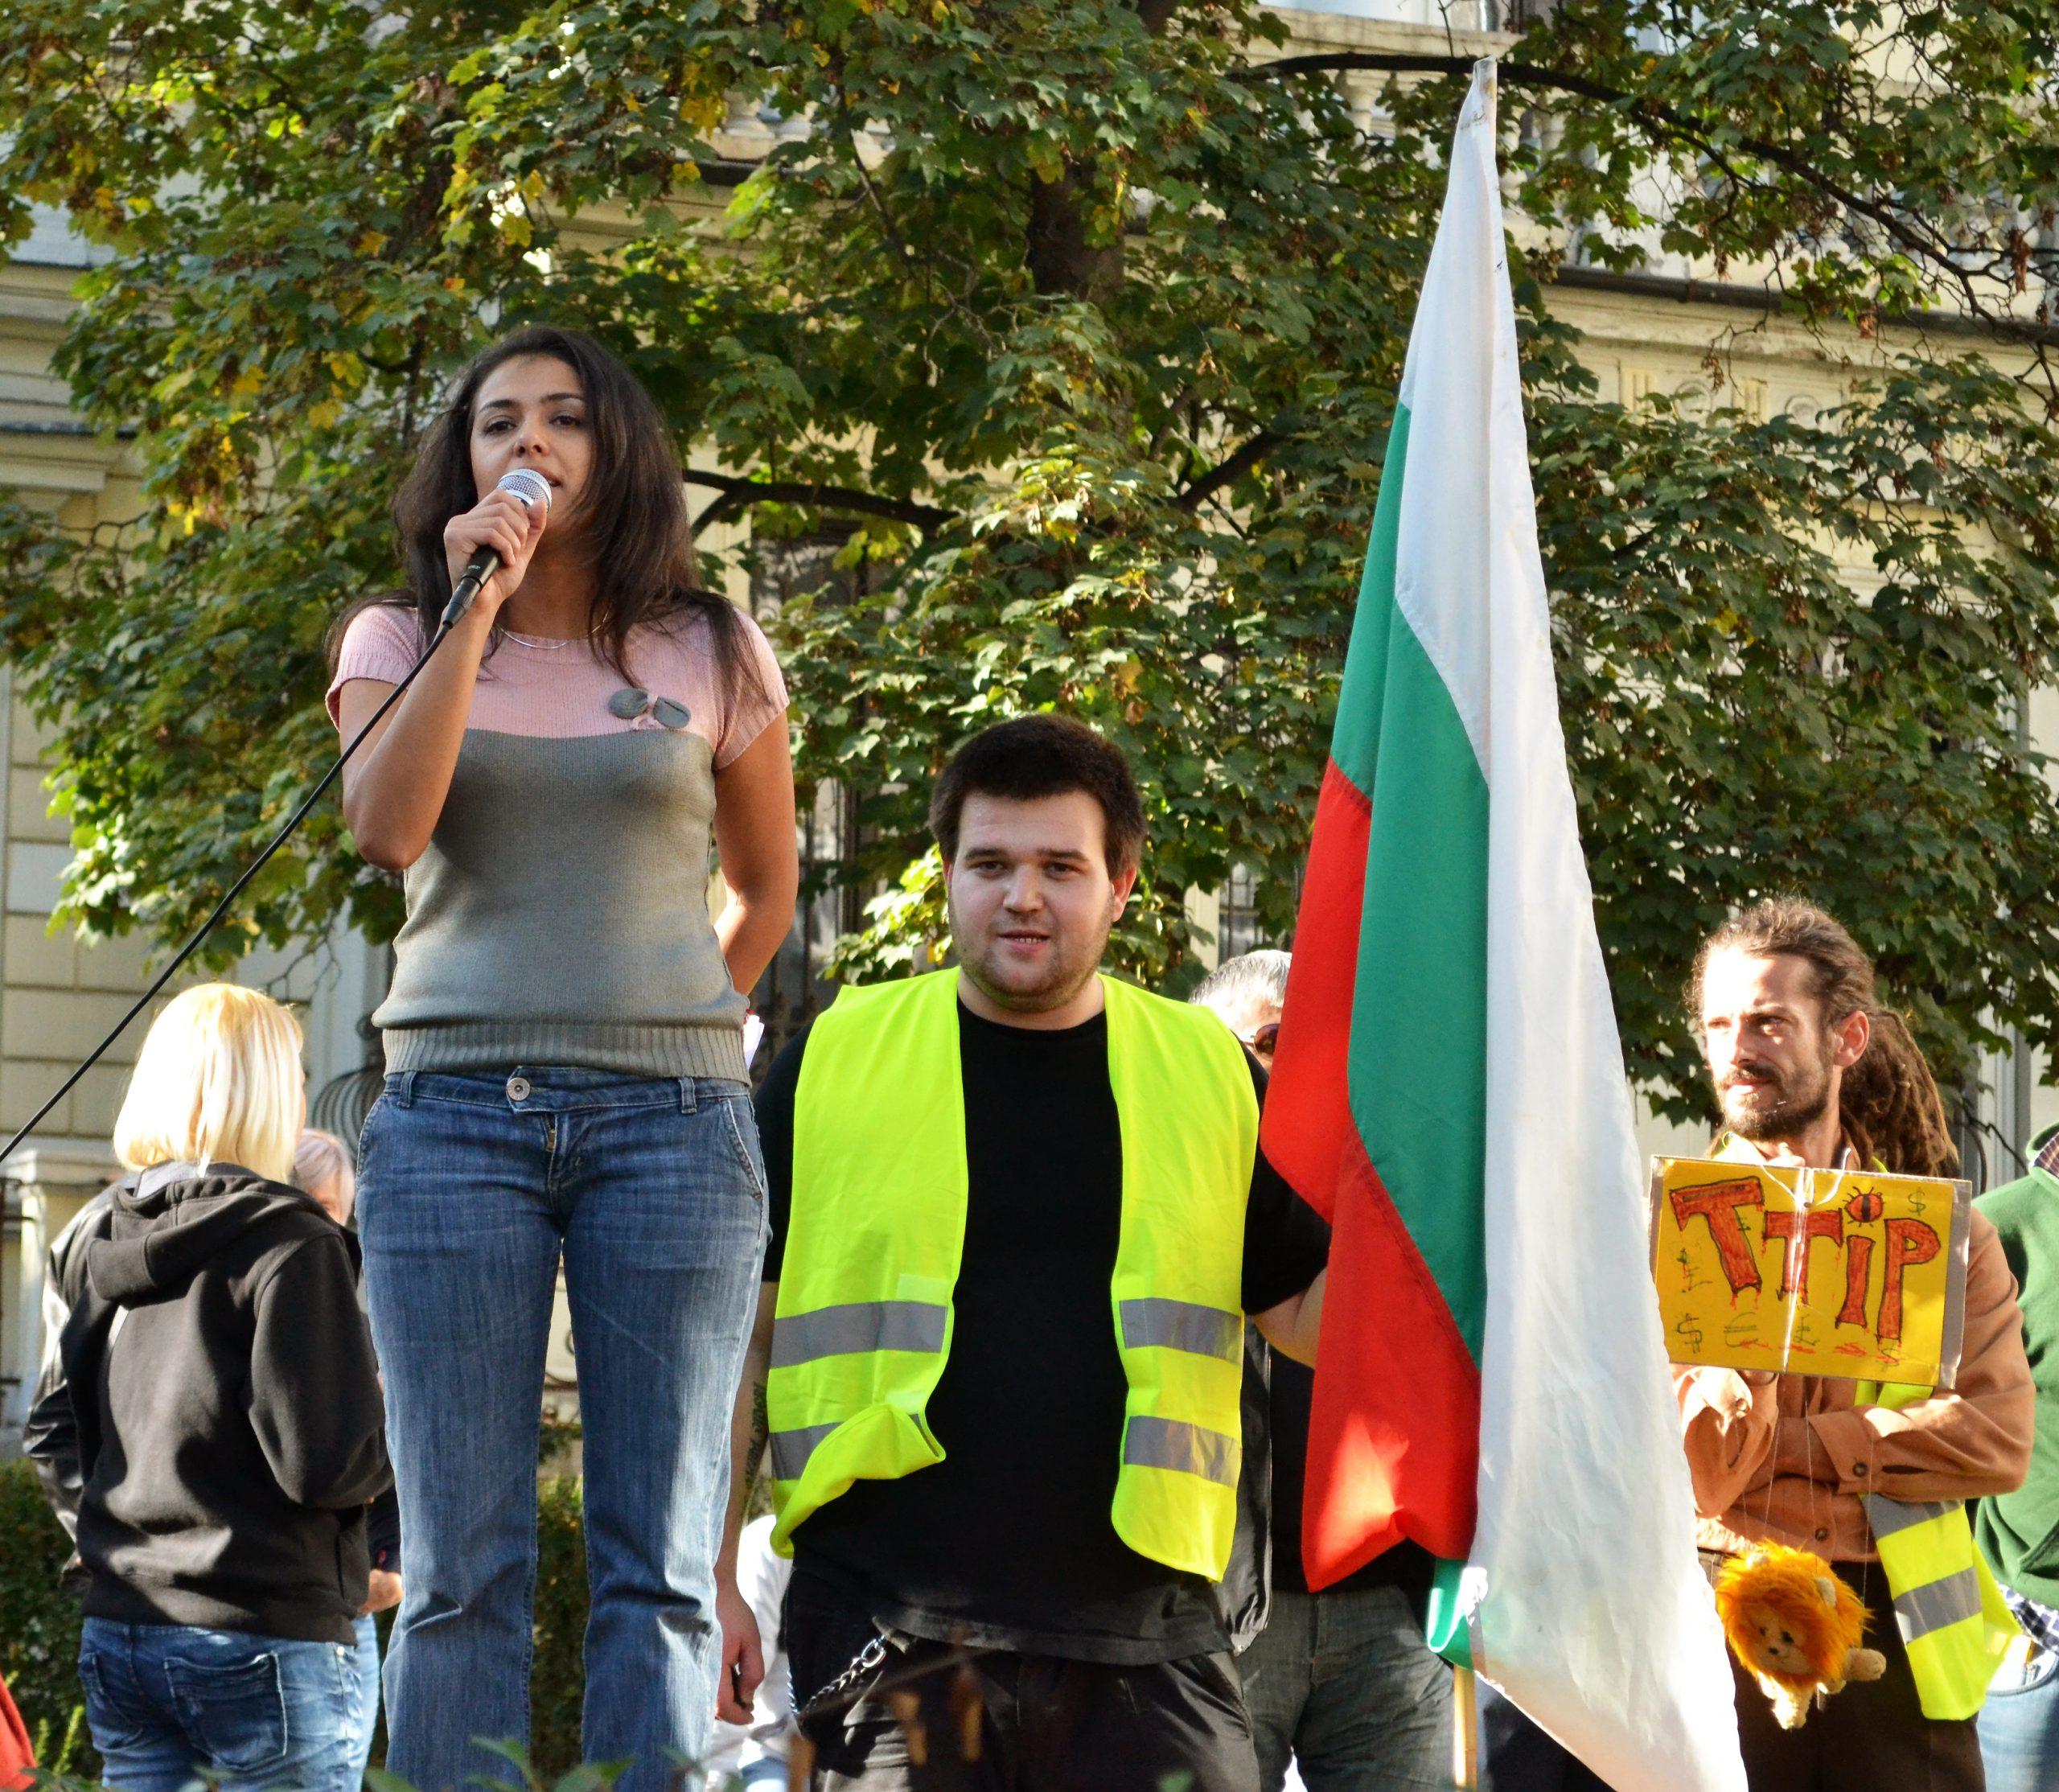 Българи въстанаха срещу Трансатлантическото партньорство за търговия и инвестиции (ТПТИ) и шистовия газ